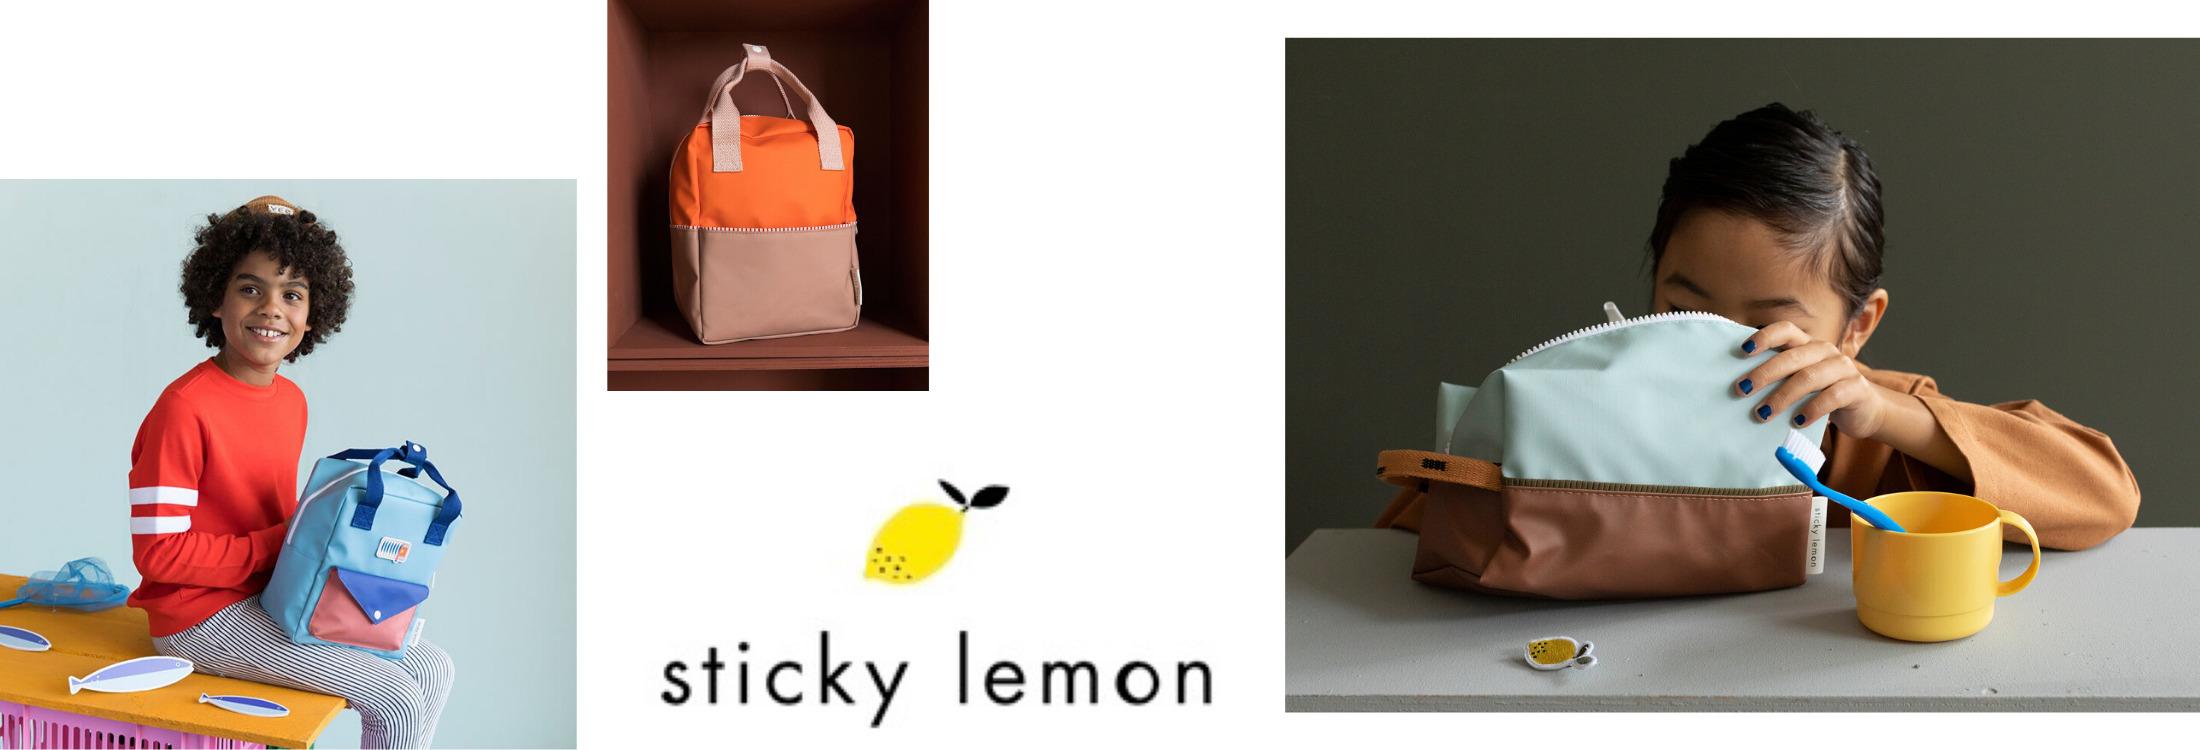 Sticky Lemon